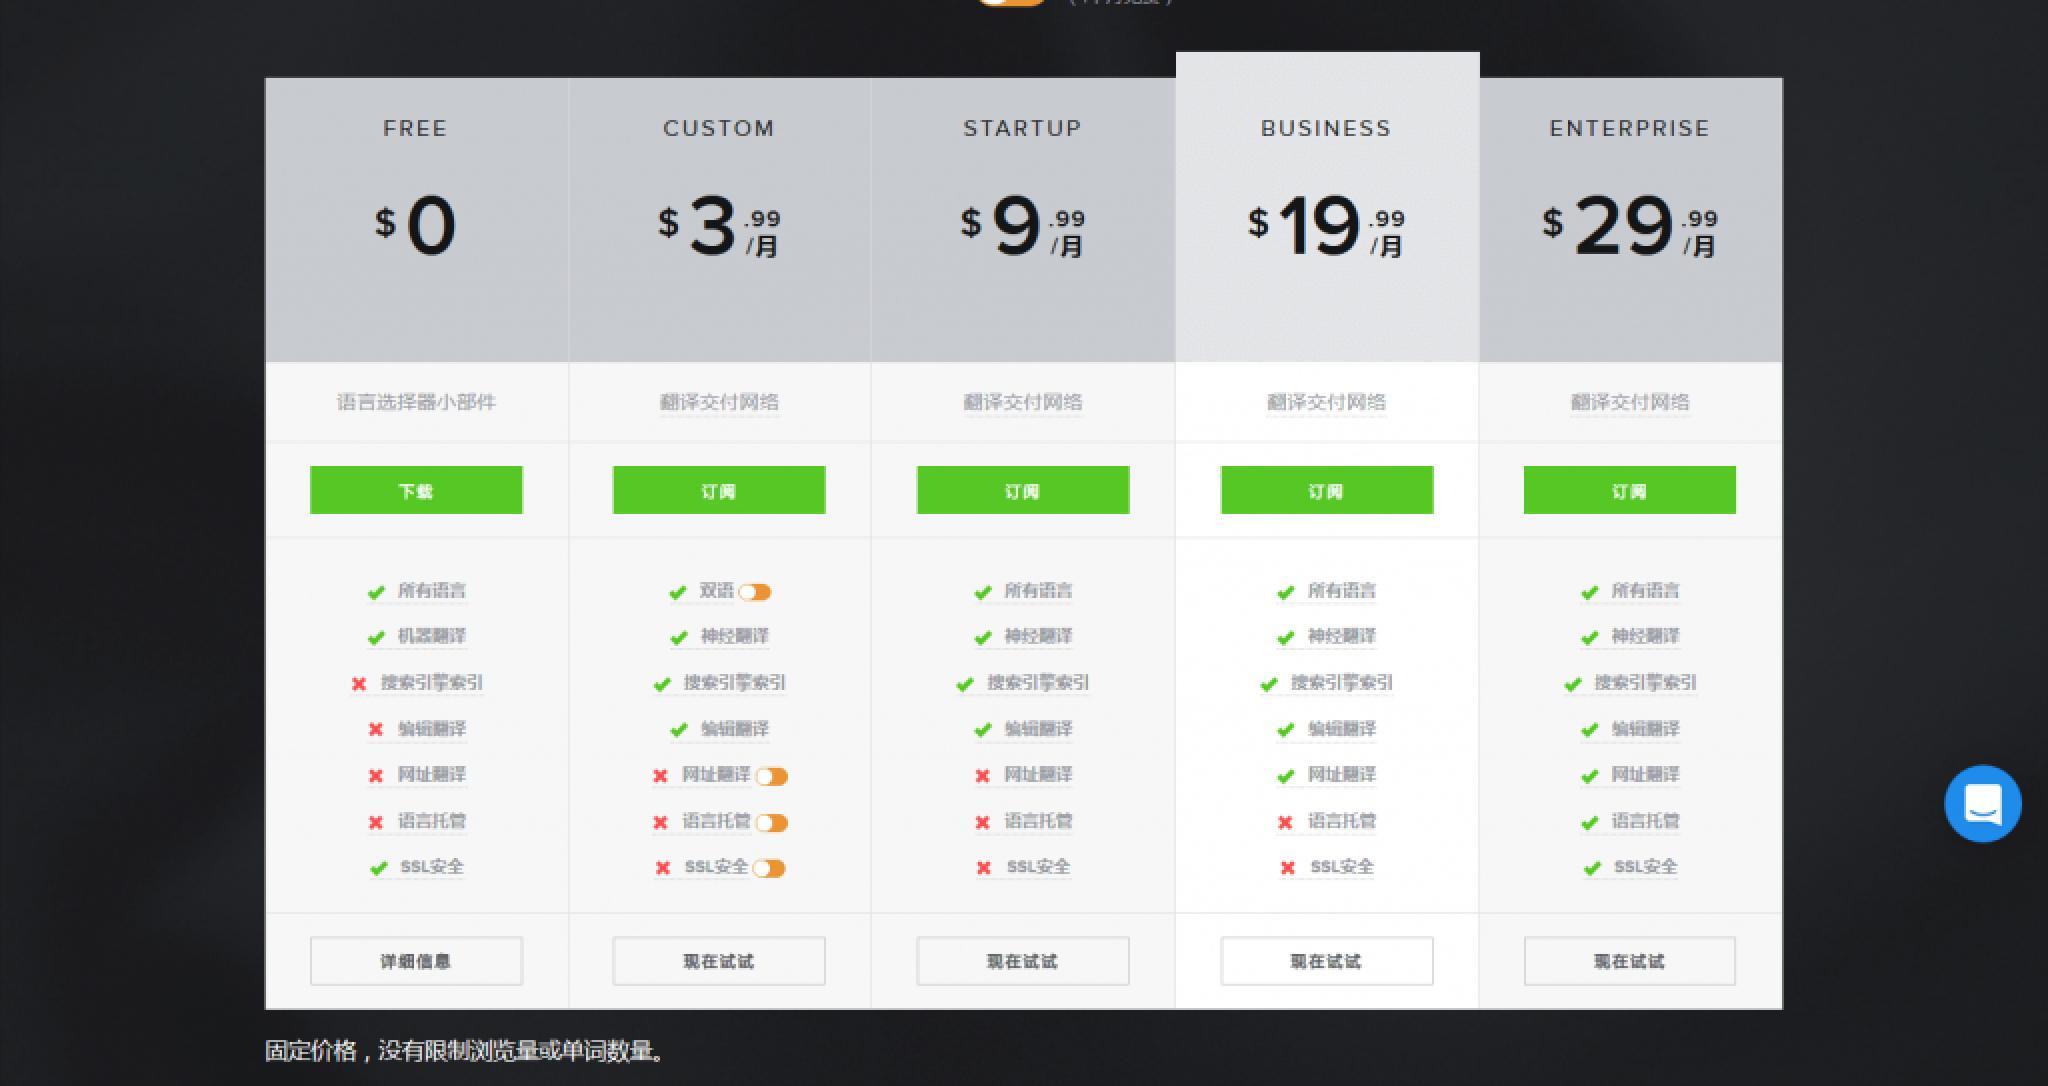 亚马逊的CDN价格